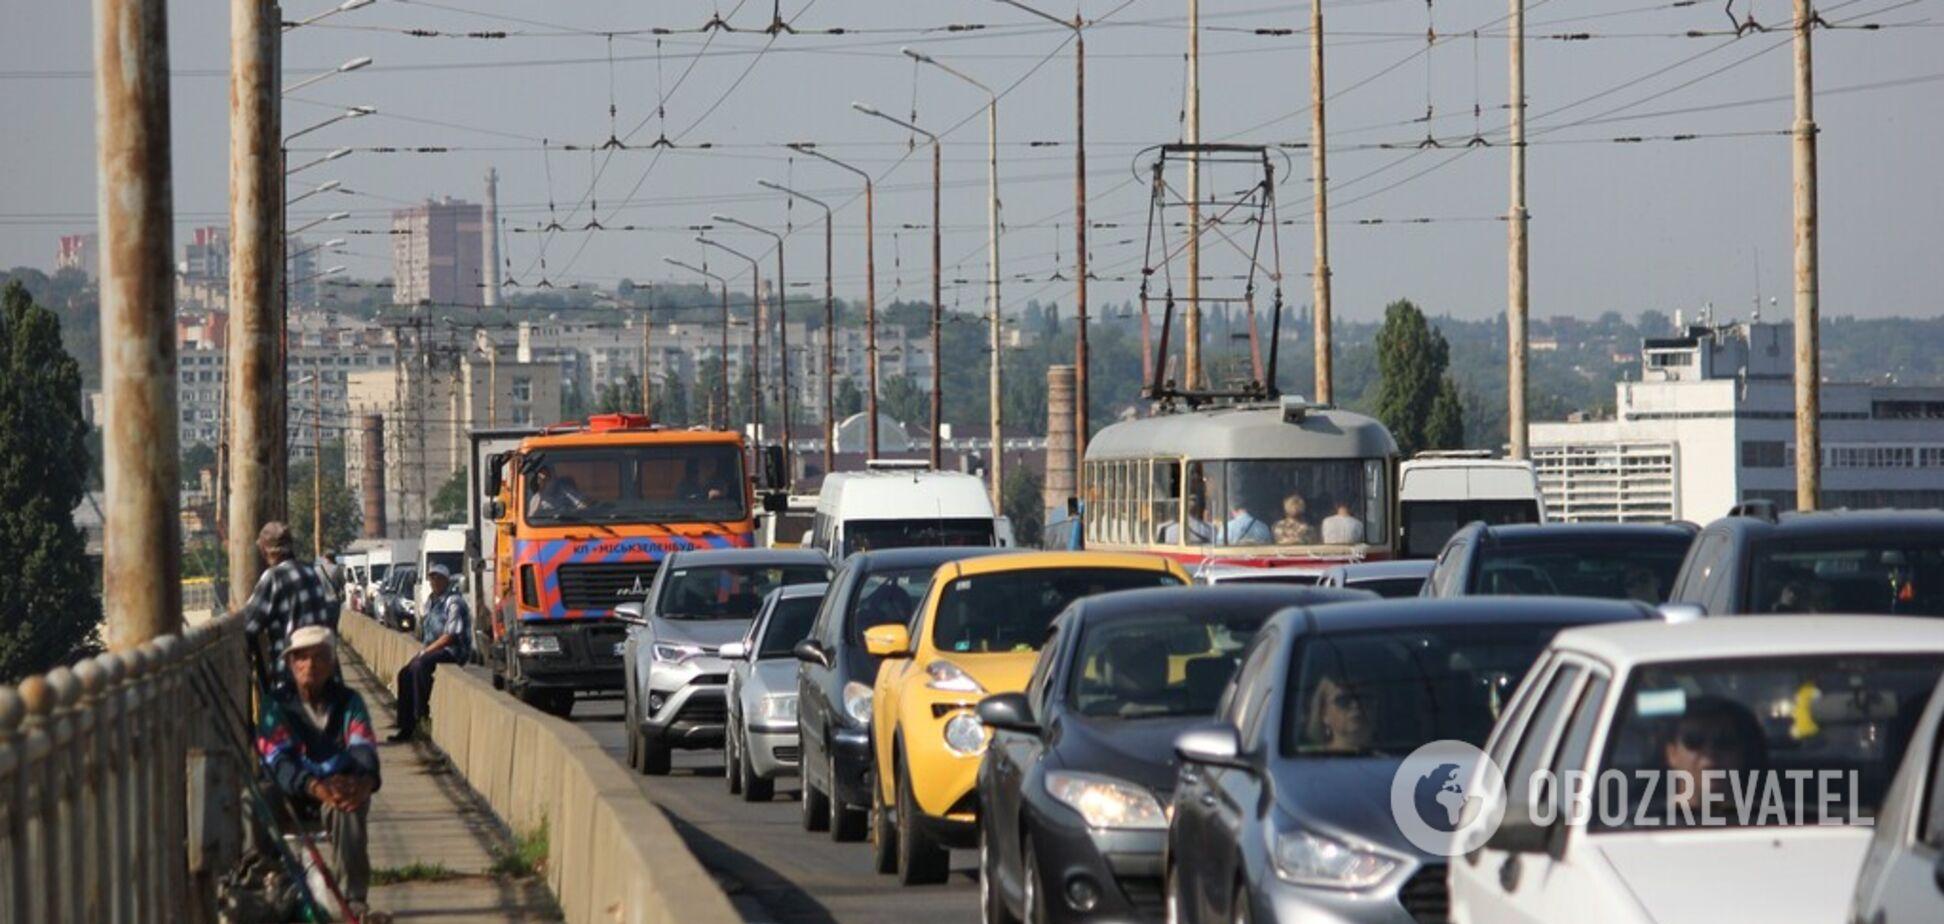 Мережа в шоці: на мосту в Дніпрі 'танцювали' ліхтарі. Відео